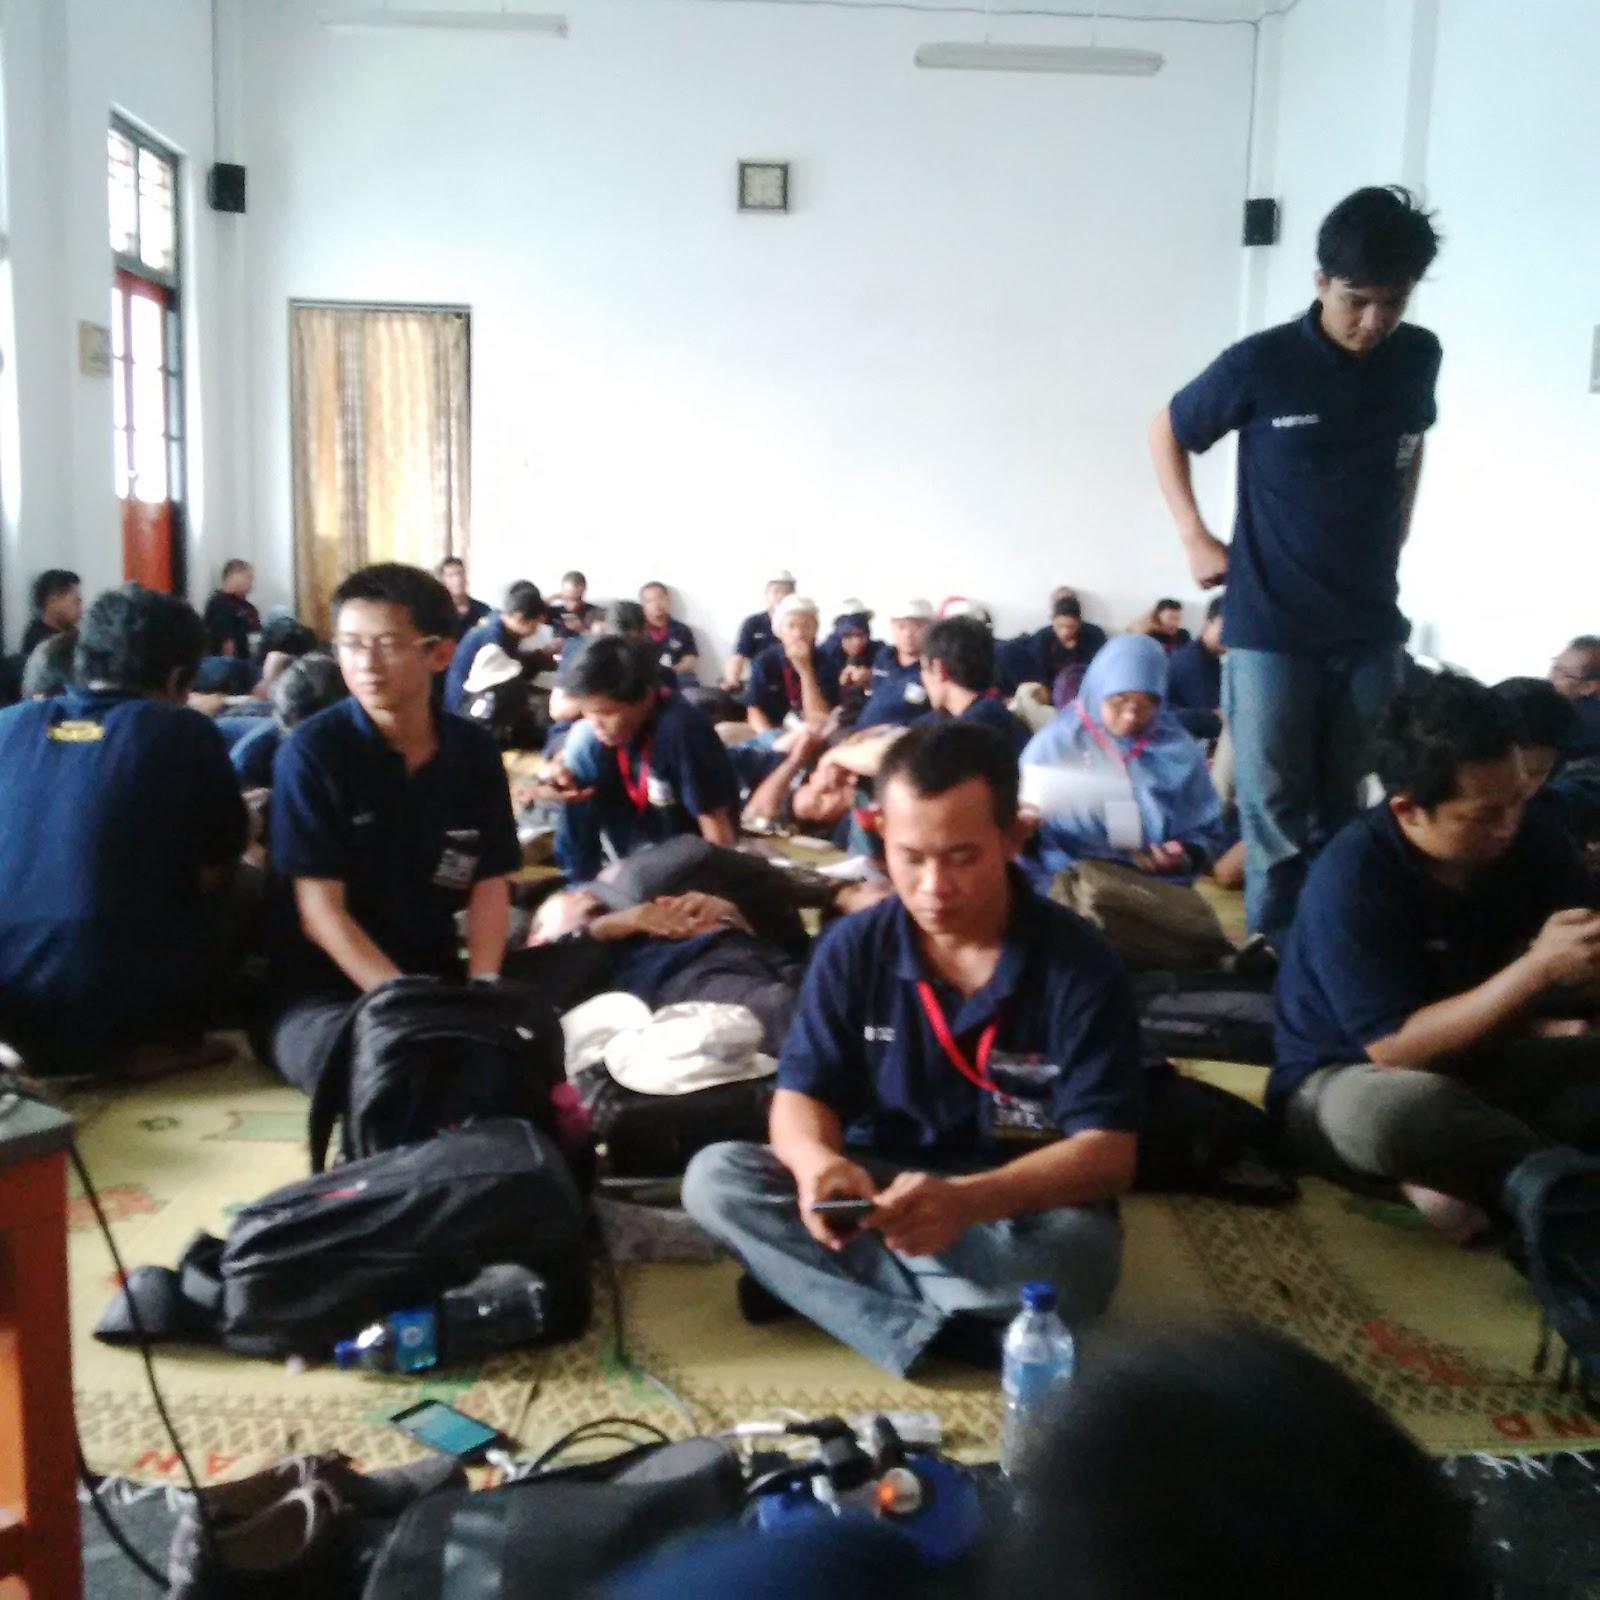 The Amazing Trace Cyber Scene Investigation Hari 2 Blog